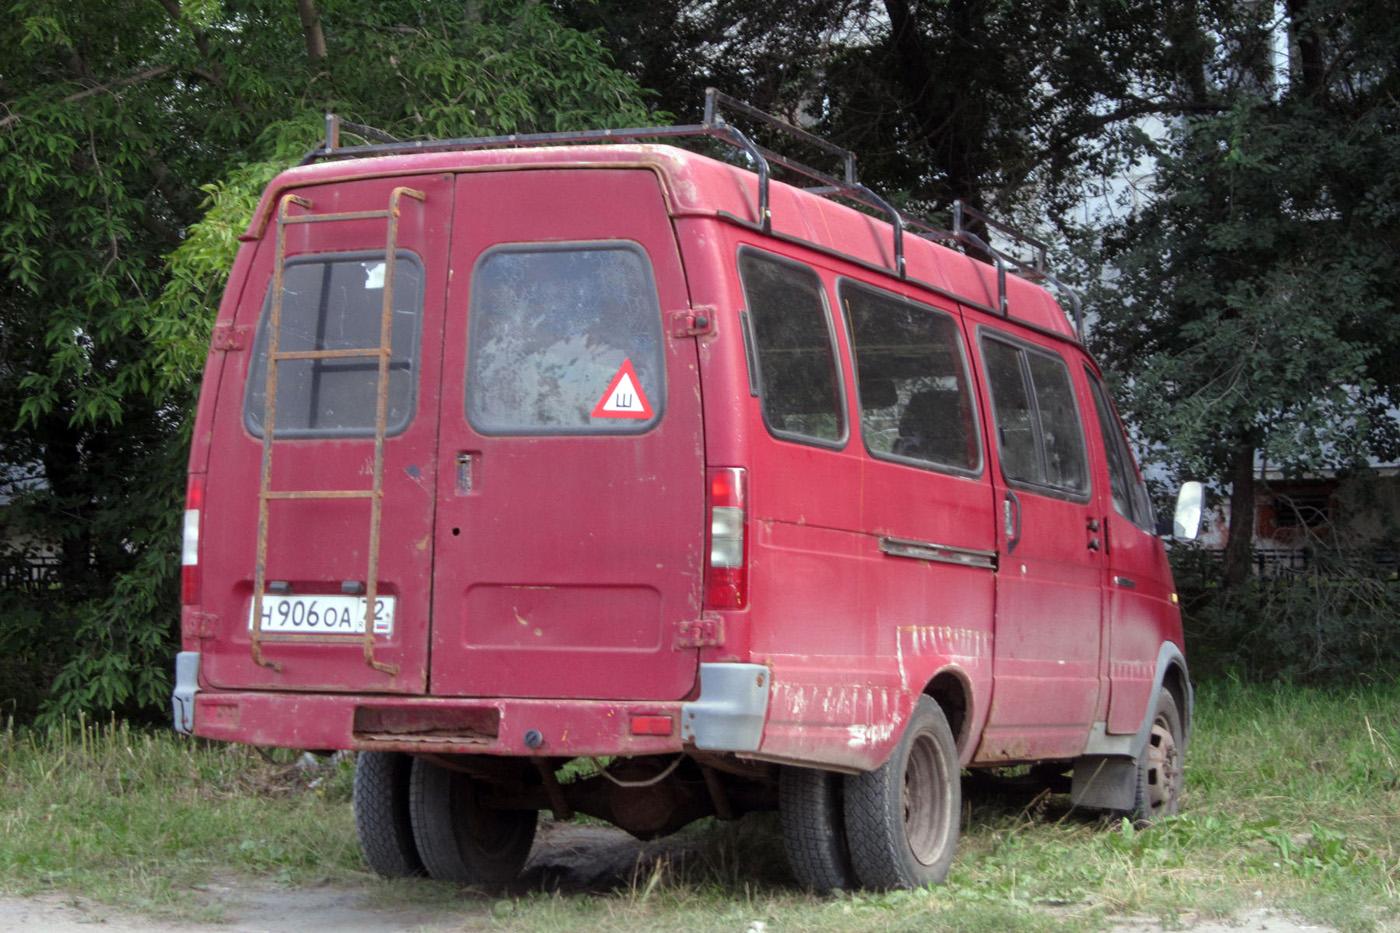 Микроавтобус ГАЗ-322100 #Н 906 ОА 72. Тюмень, Безымянная улица